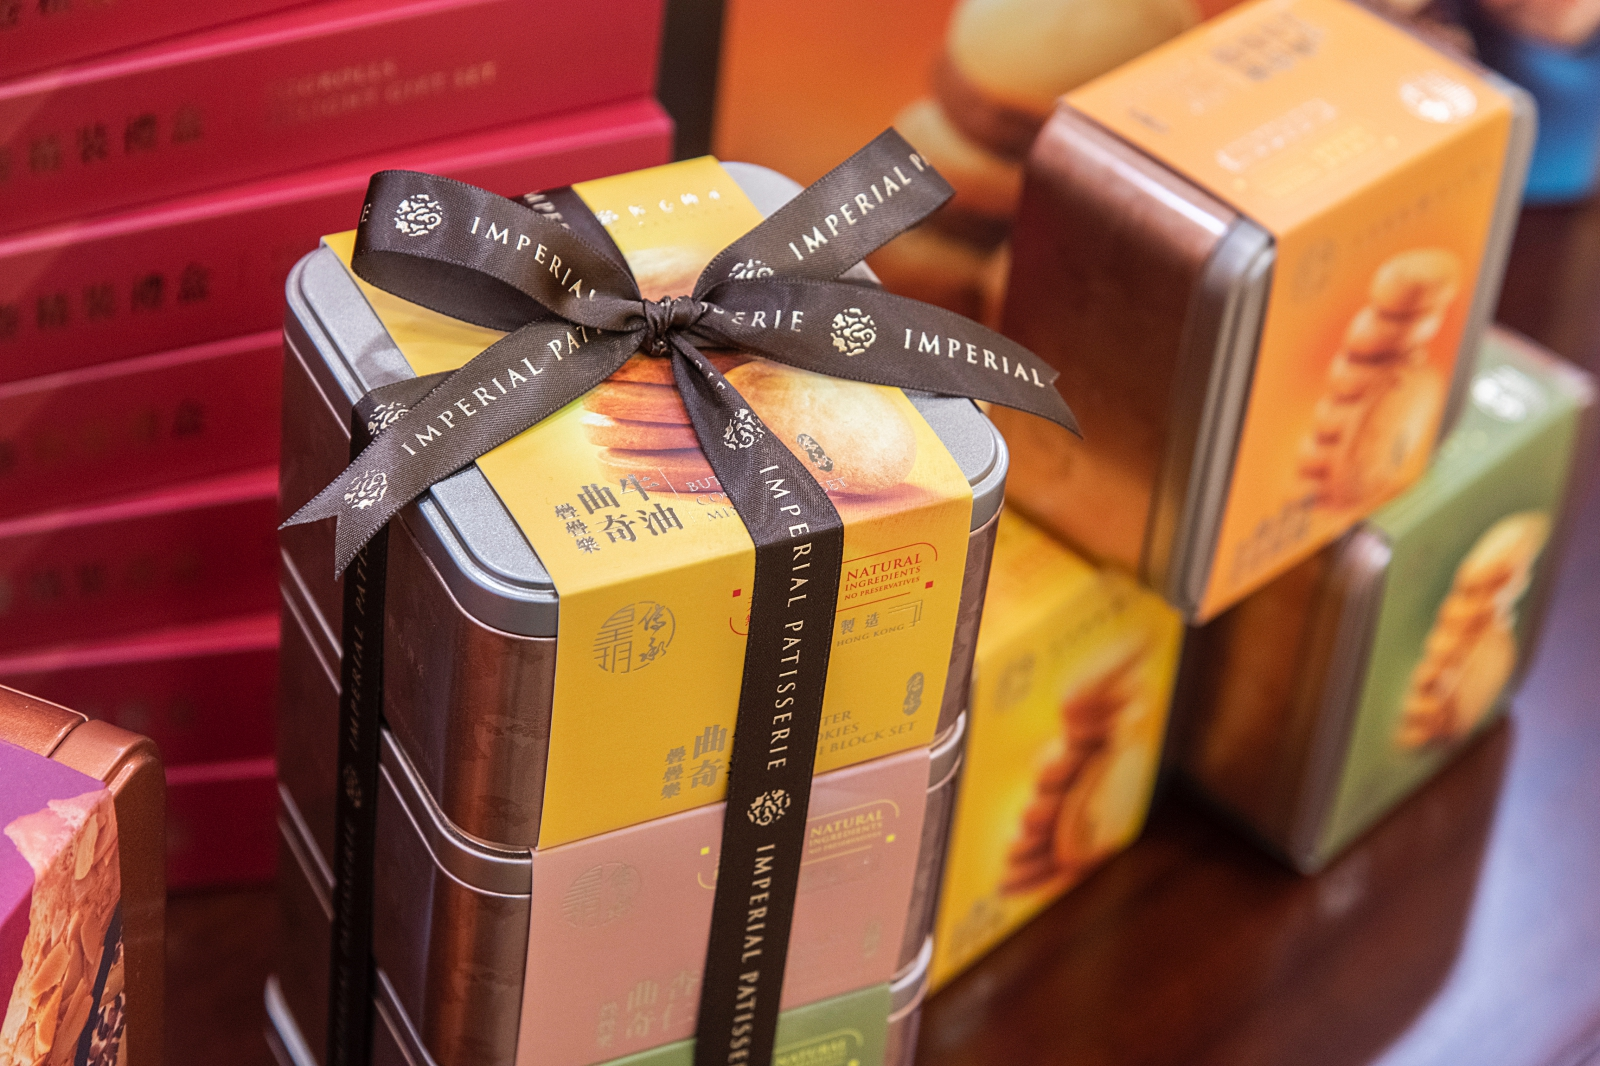 香港美食。皇玥餅藝 Imperial Patisserie|品嚐米其林大廚製作的唐果子、蝴蝶酥、蜂巢蛋捲~|香港伴手禮推薦